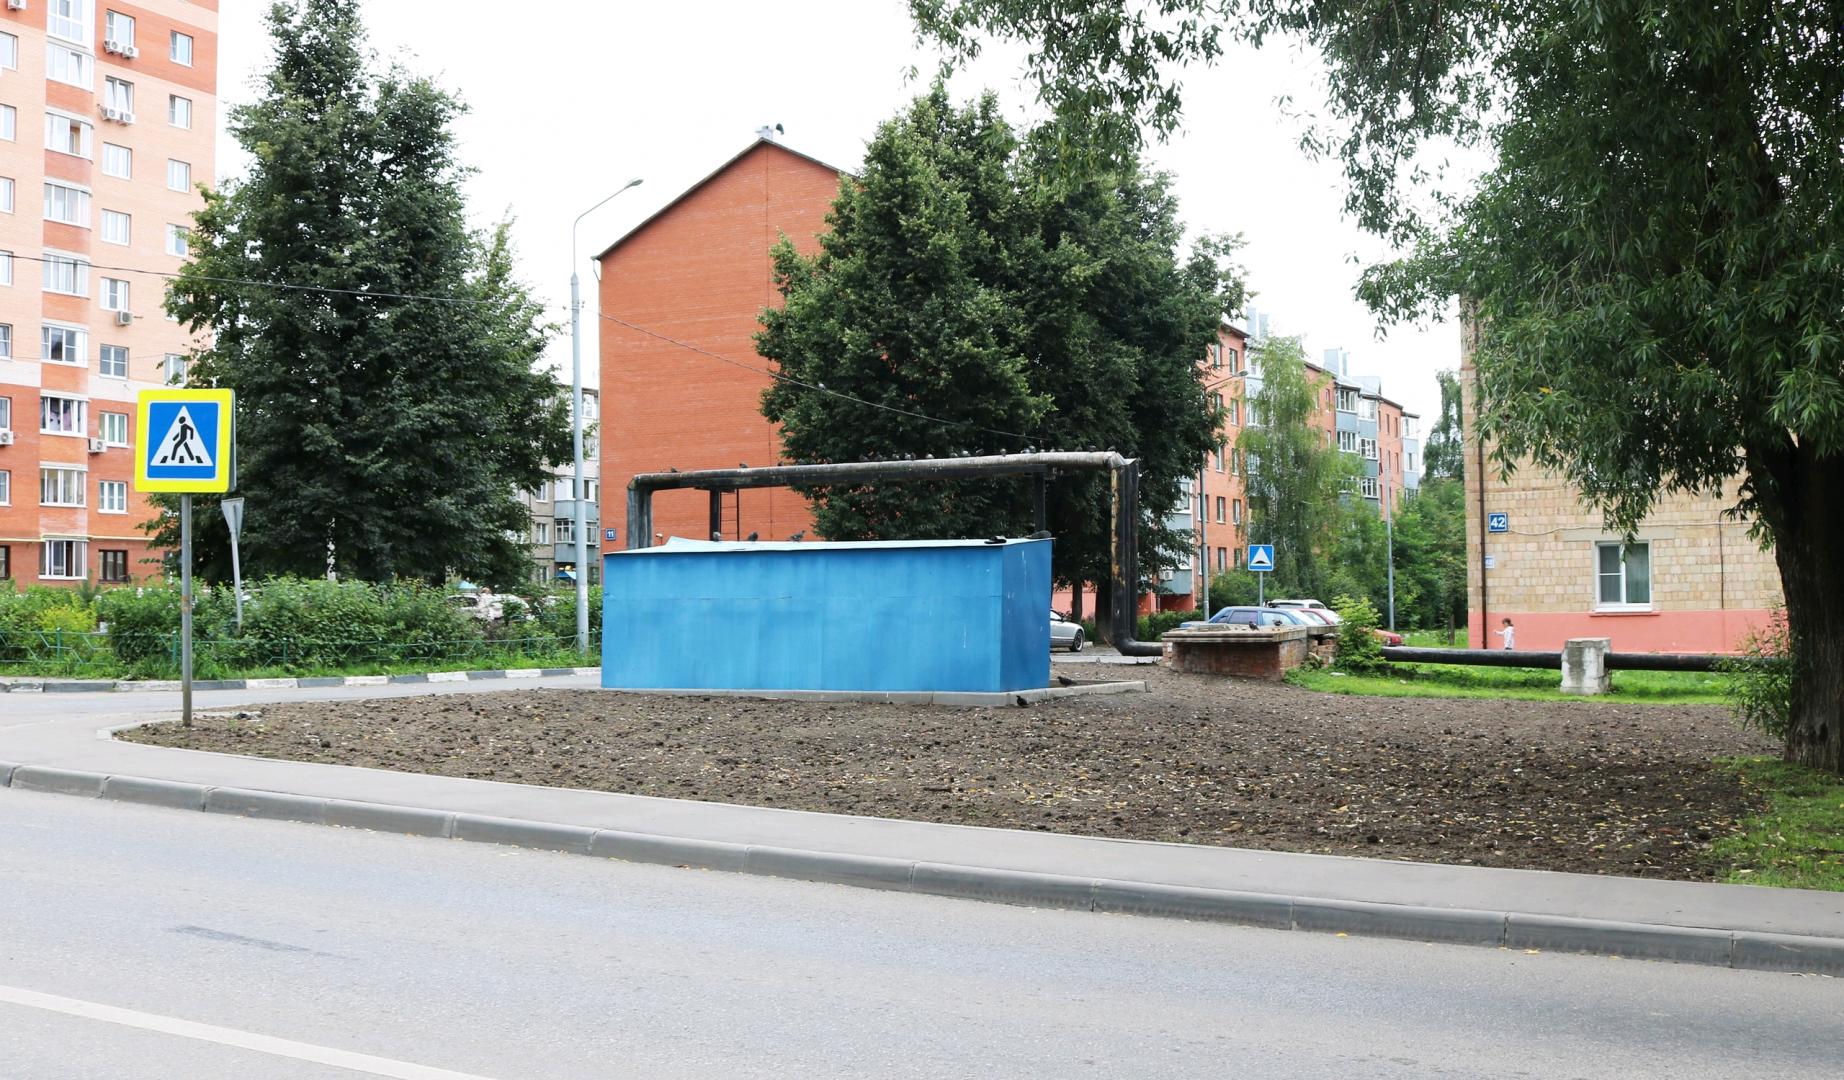 Газон в поселке Рязановского привели в порядок. Фото предоставили сотрудники администрации поселения Разановское